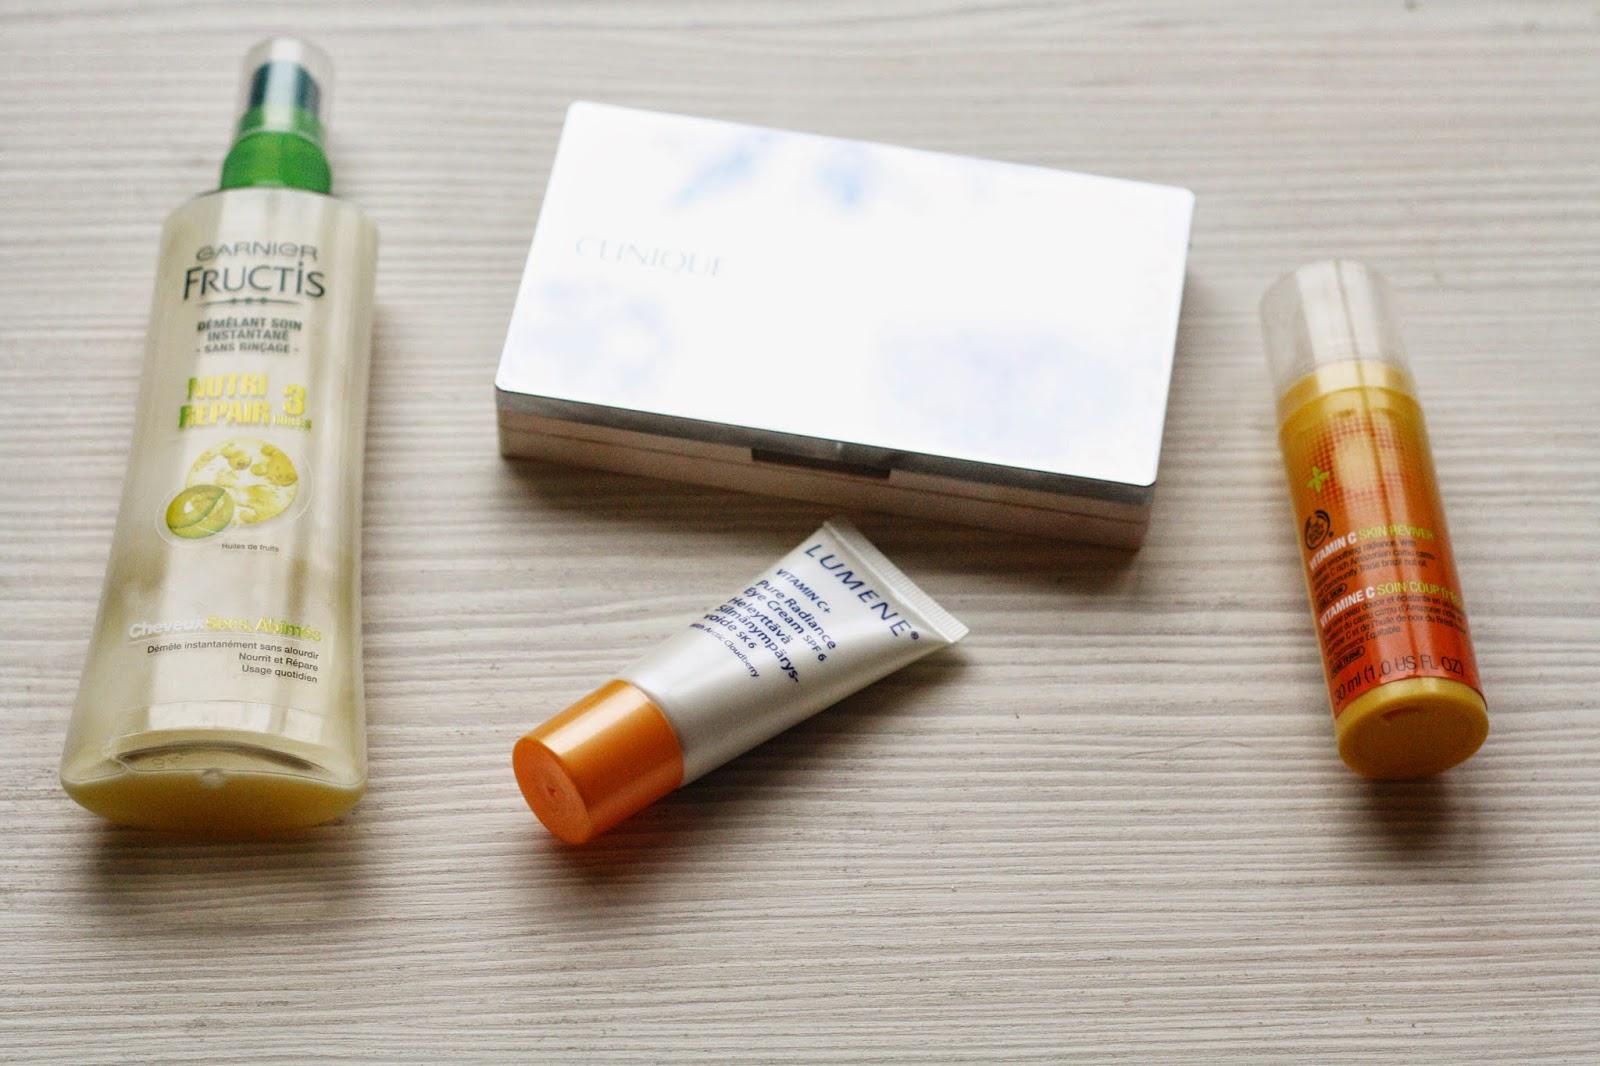 Garnier Fructis Detangling Spray